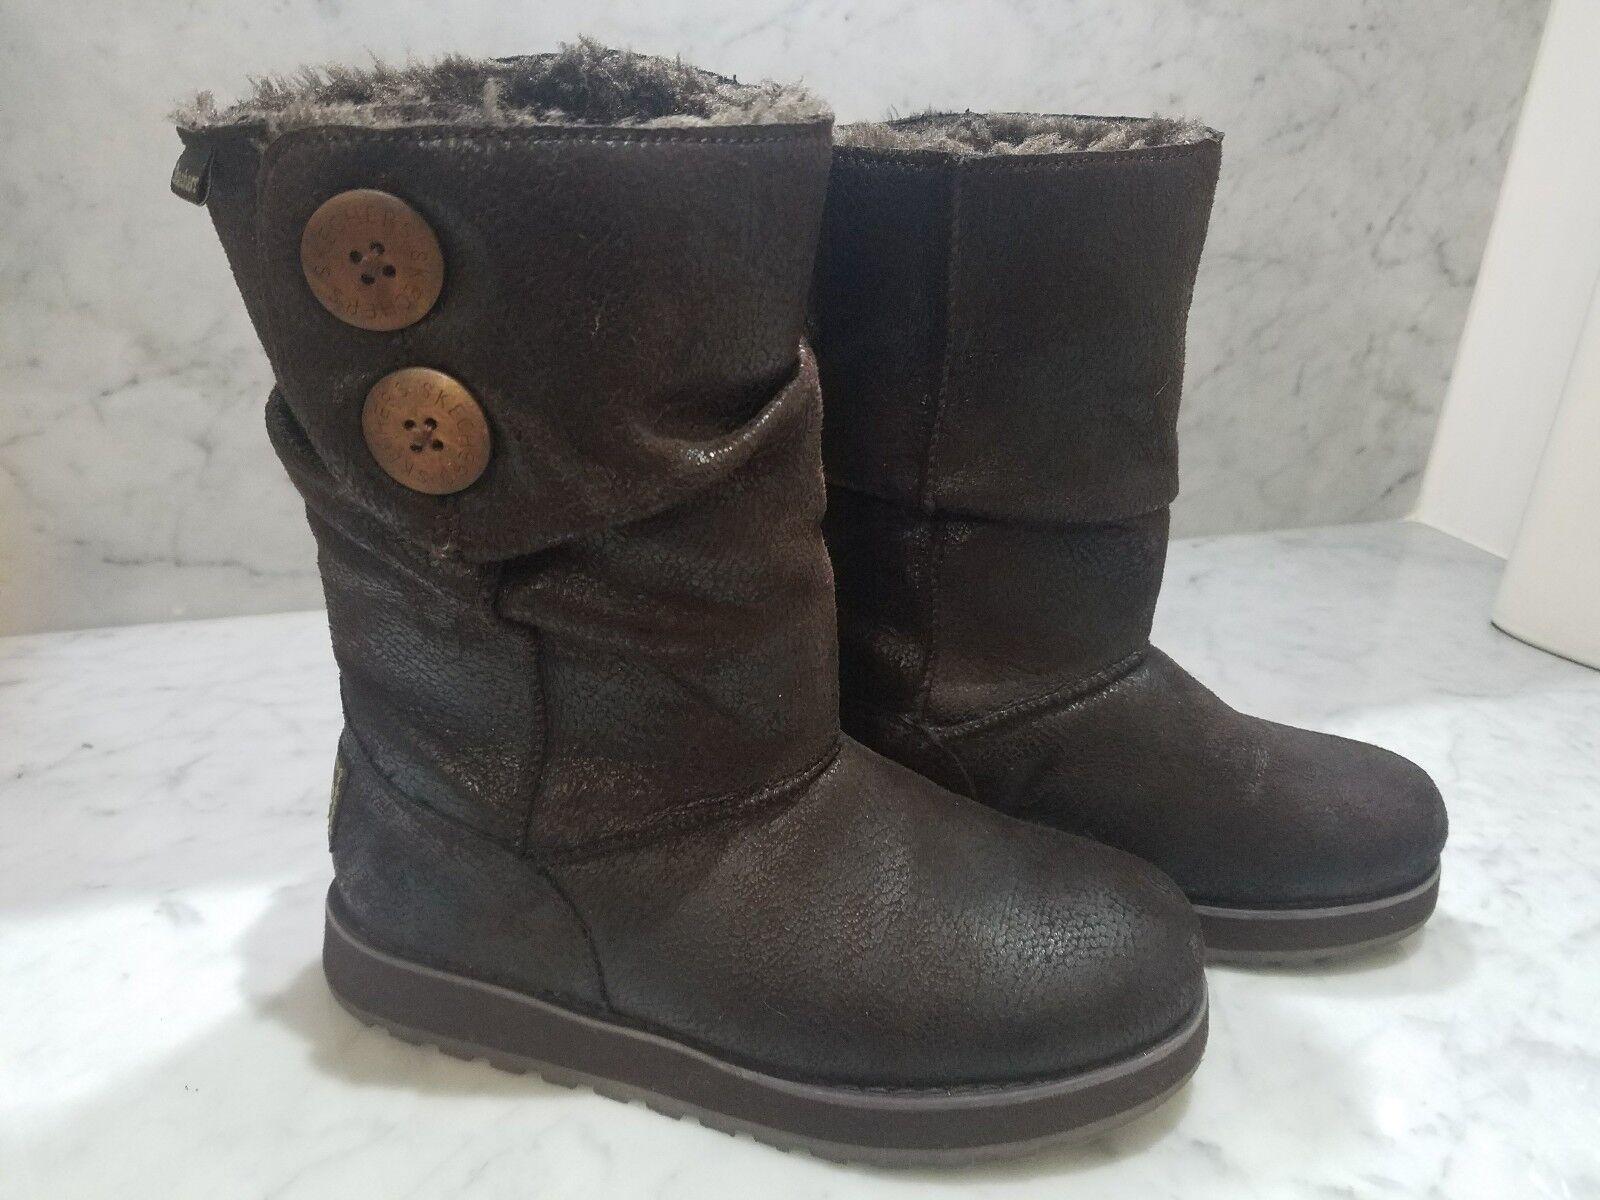 Skechers Australia Keepsakes de imitación de cuero de la mitad de la pantorrilla botas Choc 48367 para mujer 5